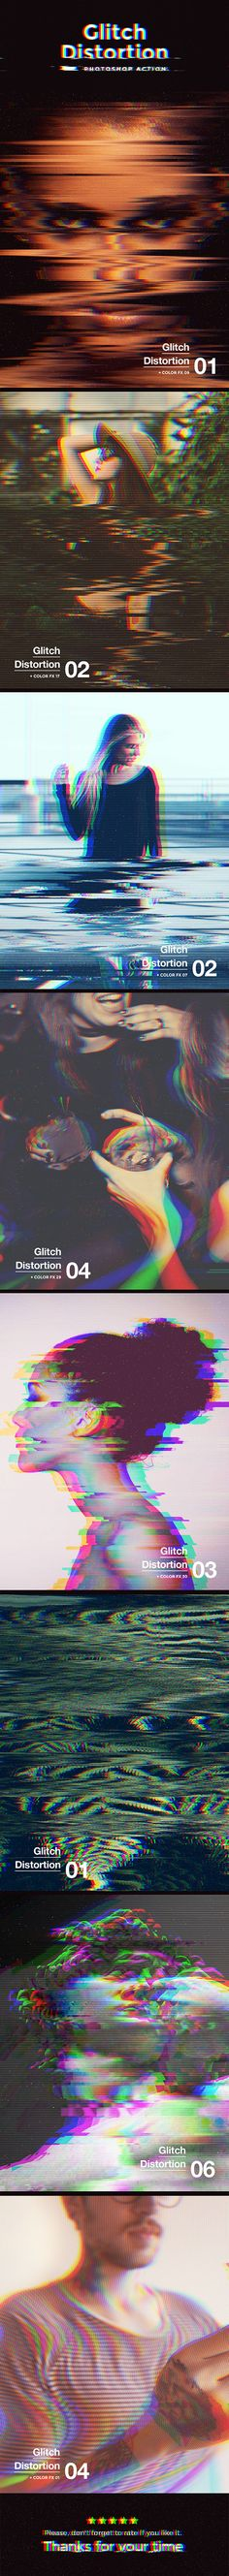 Glitch Distortion — Photoshop ATN #disturb #action • Download ➝ https://graphicriver.net/item/glitch-distortion-photoshop-action/19919670?ref=pxcr